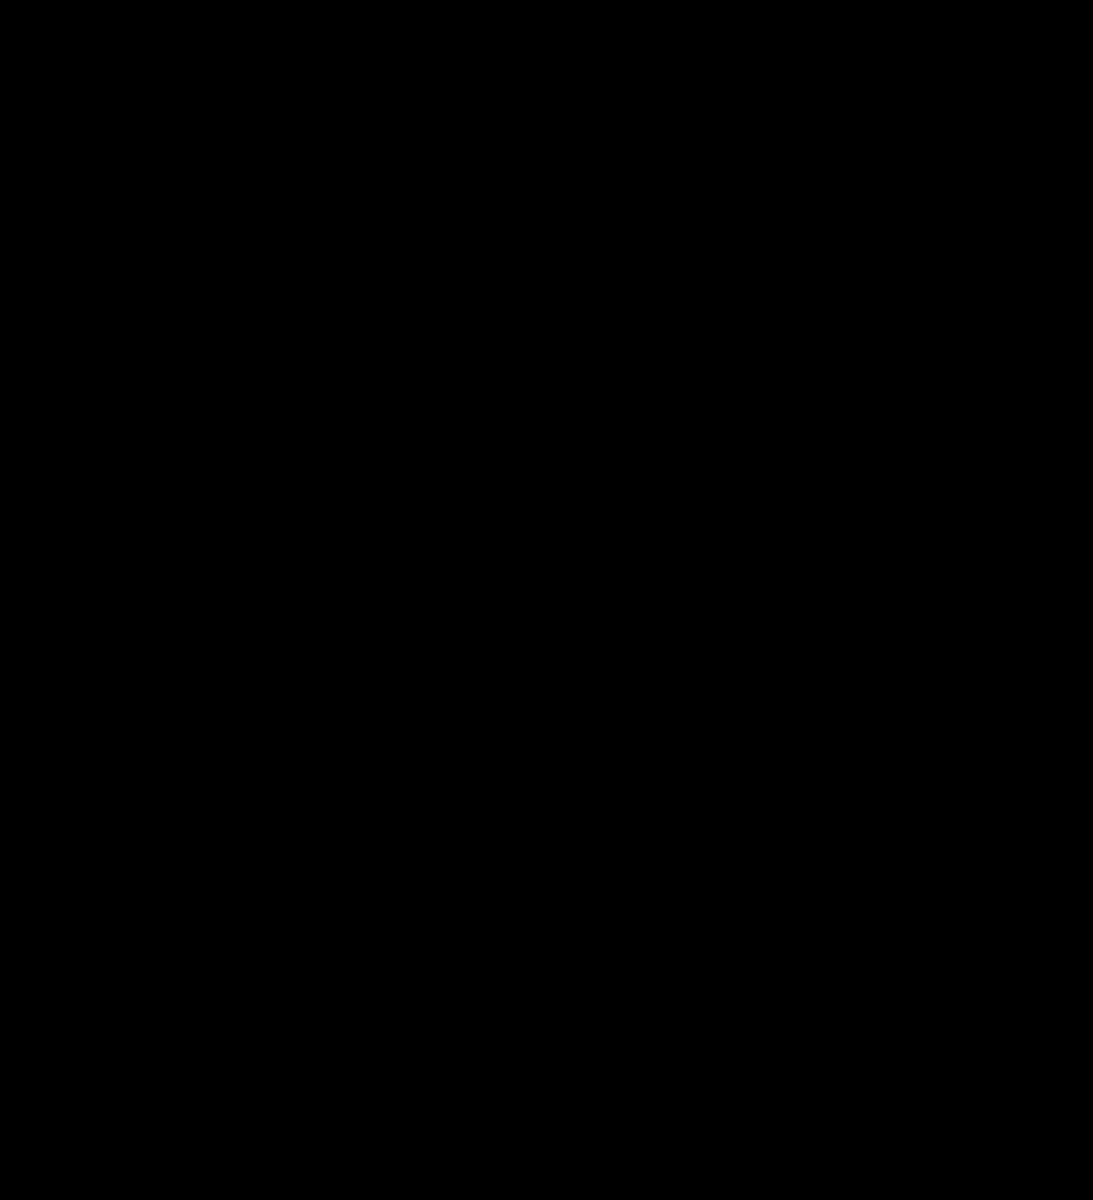 Fop krasloten